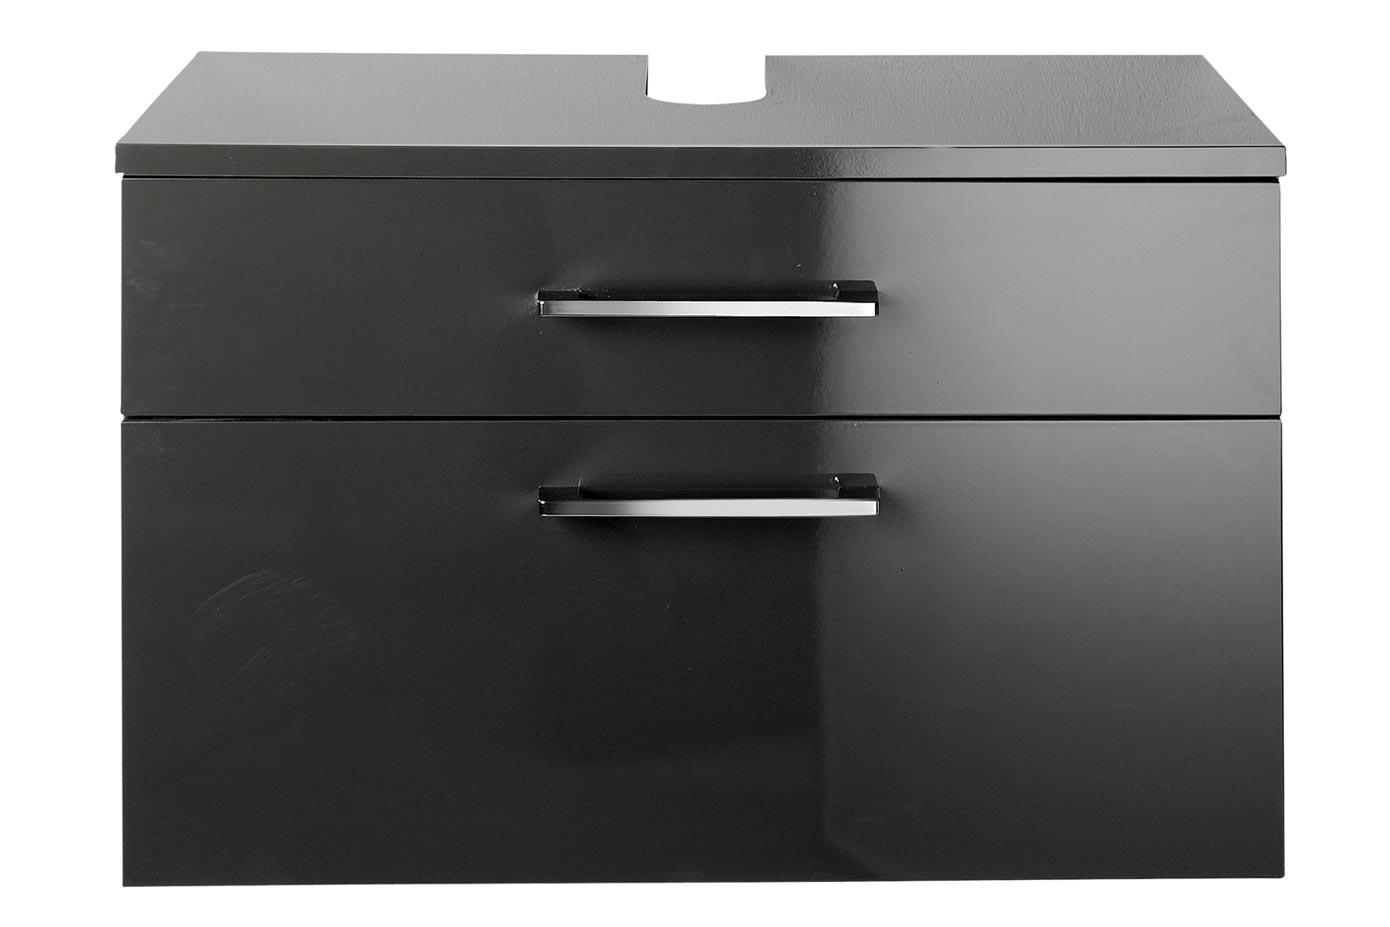 waschbecken mit unterschrank. Black Bedroom Furniture Sets. Home Design Ideas